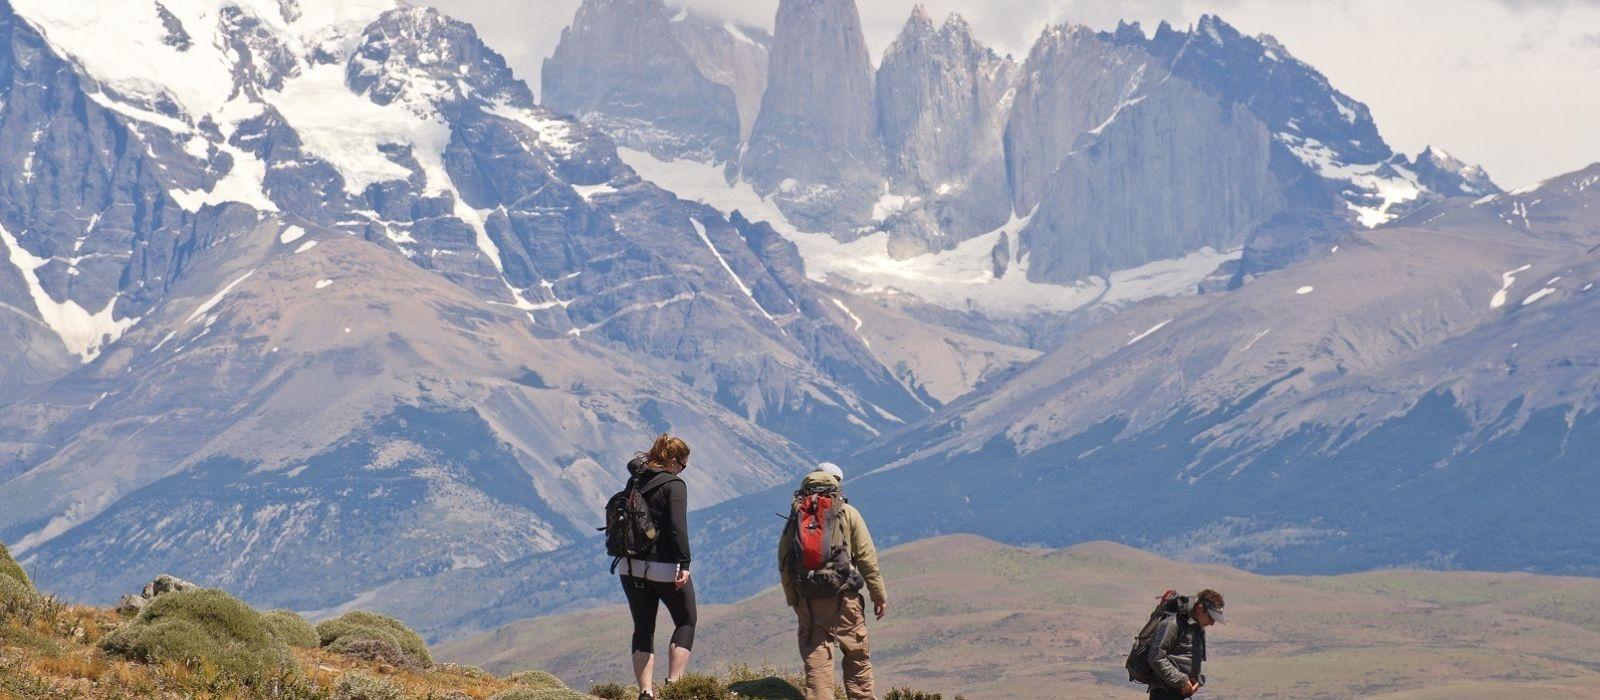 Chile Luxusreise: Außergewöhnlich mit Awasi Urlaub 2